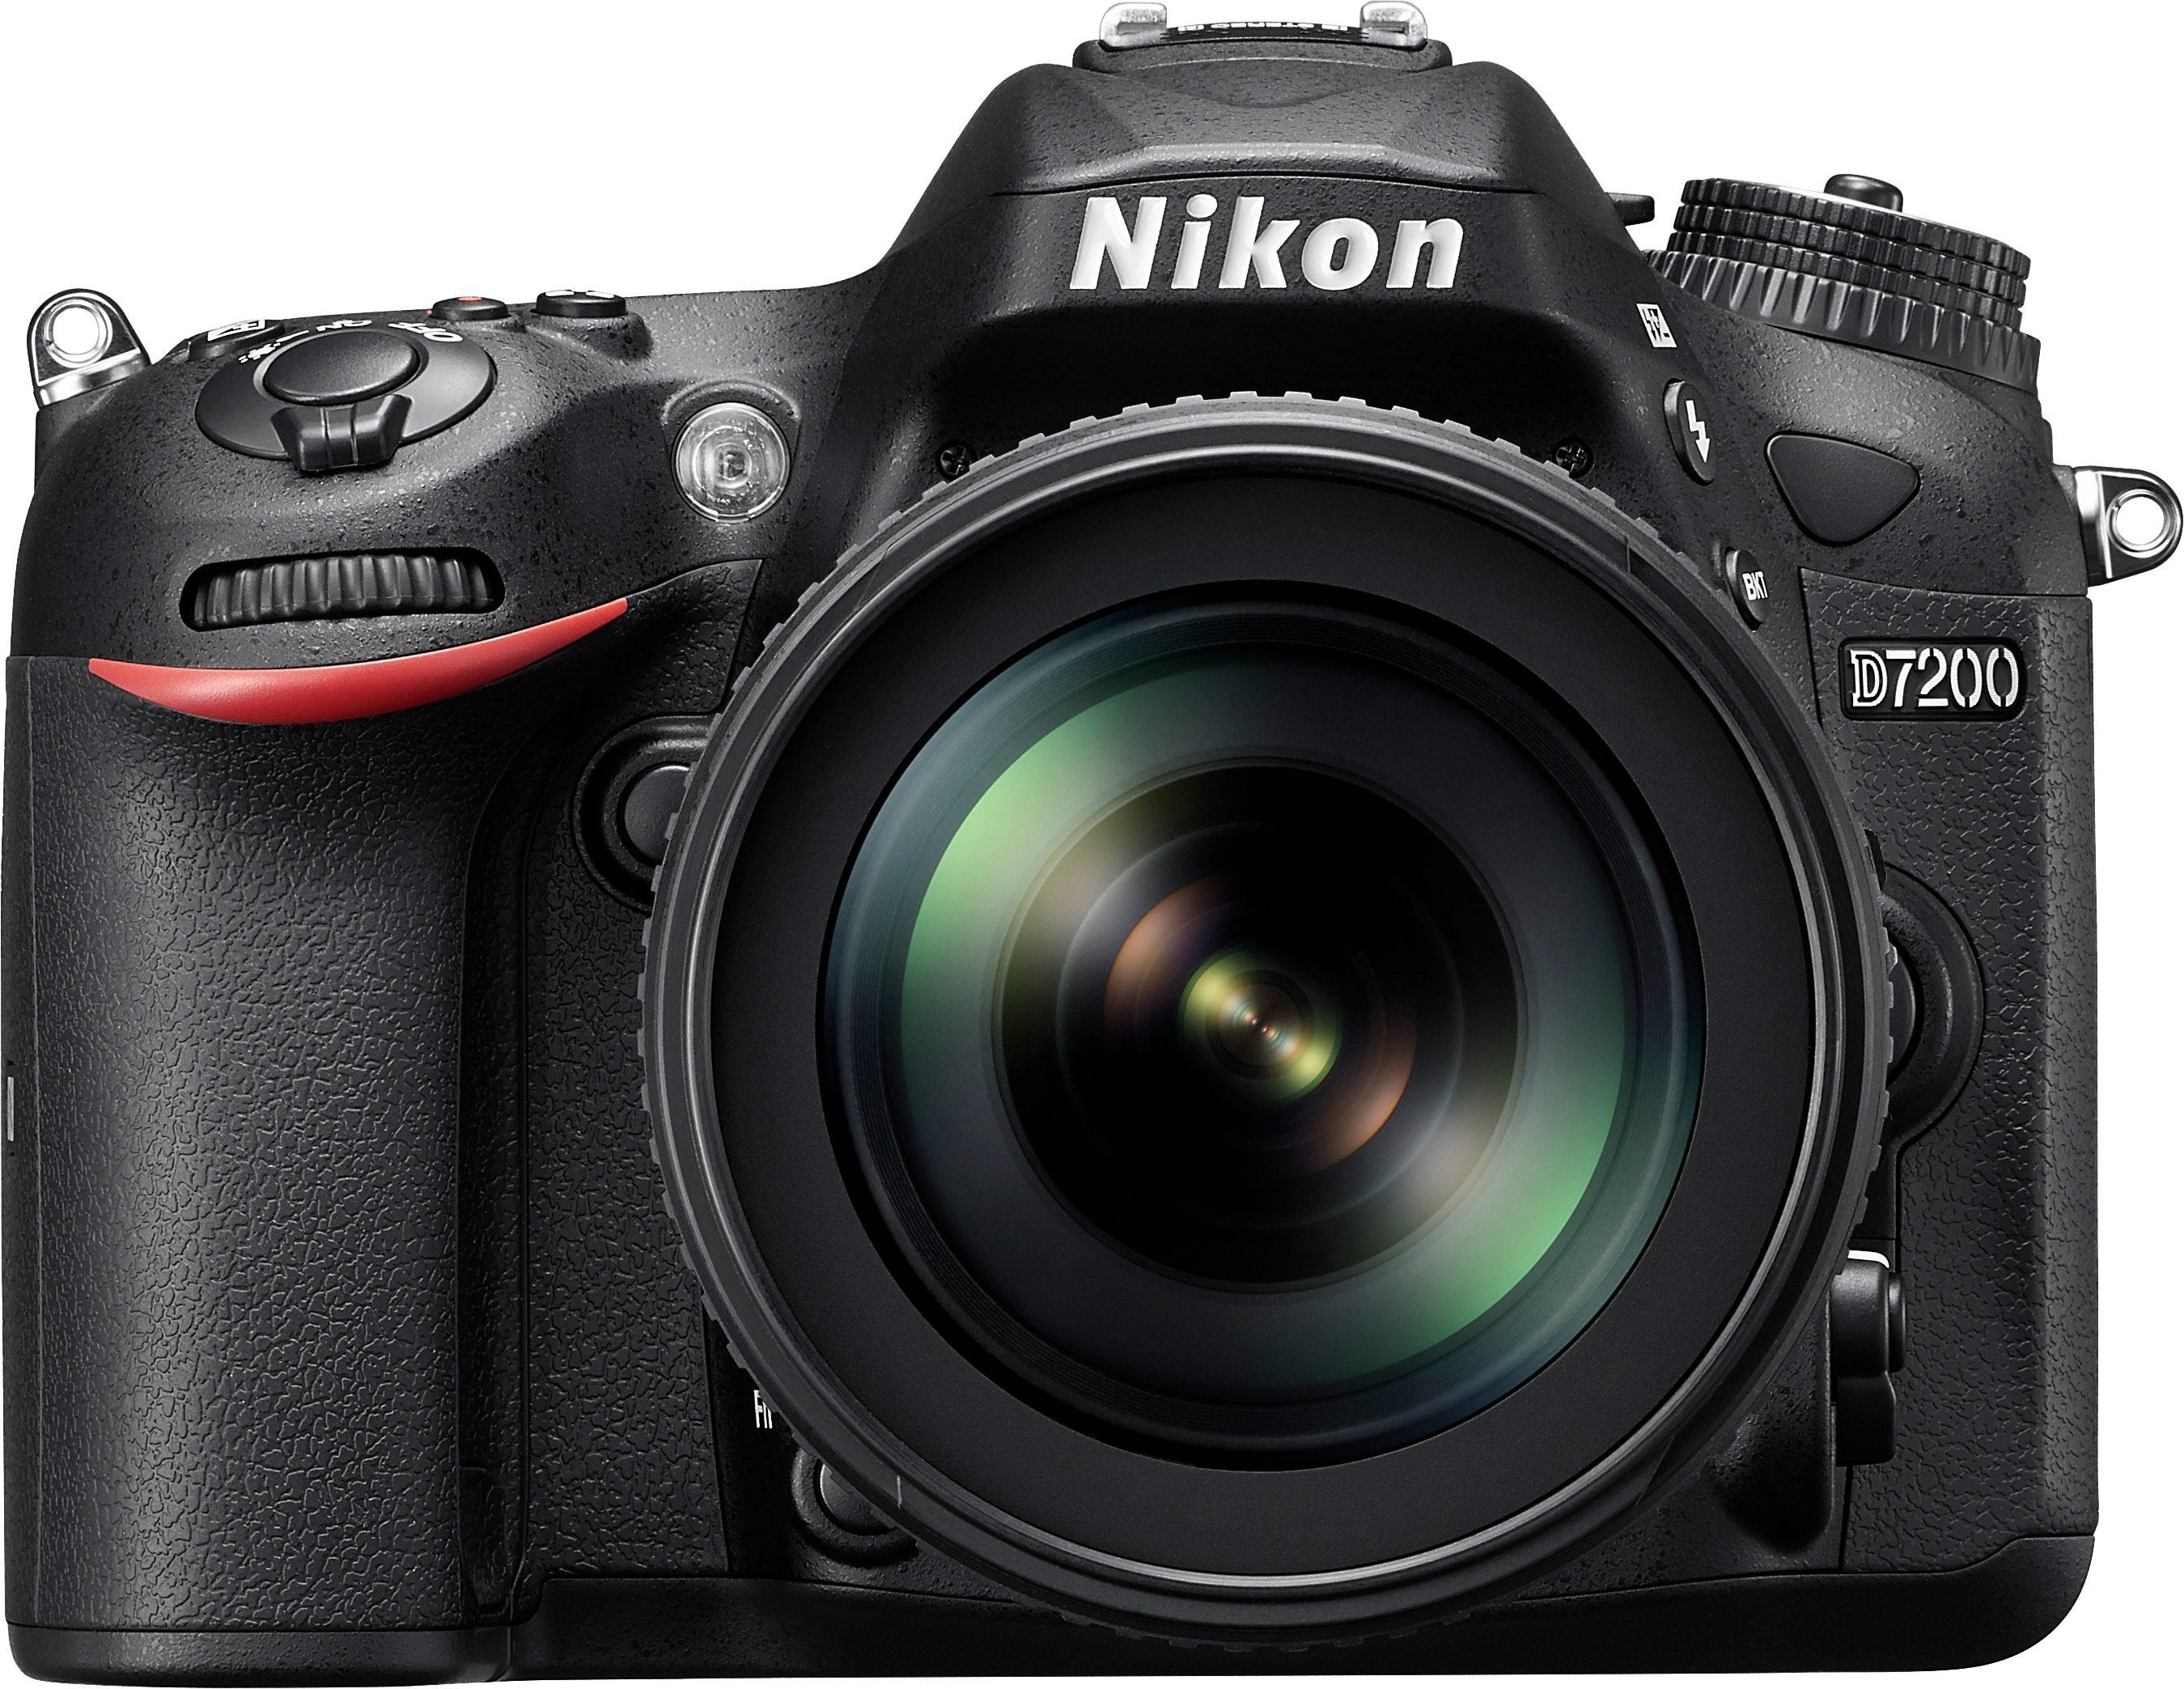 Nikon D7200 Kit Spiegelreflex Kamera, NIKKOR AF-S 18-105mm 1:3,5-5,6 G ED VR Zoom, 24,2 Megapixel